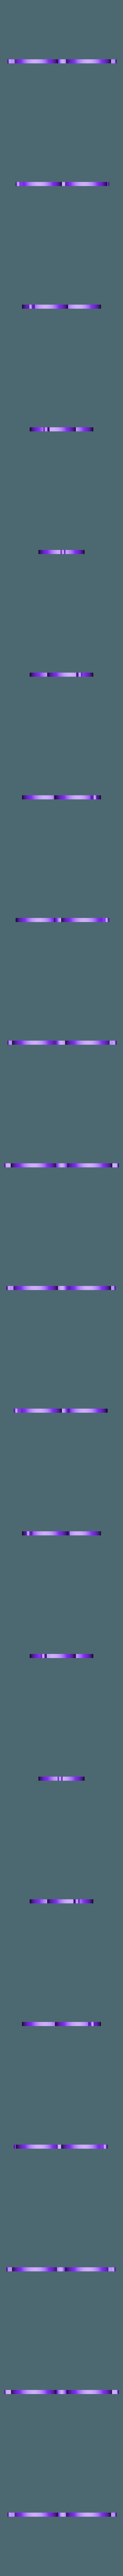 Harry_glasses.STL Télécharger fichier STL gratuit Sous-verres multicolores Harry Potter • Design pour impression 3D, MosaicManufacturing